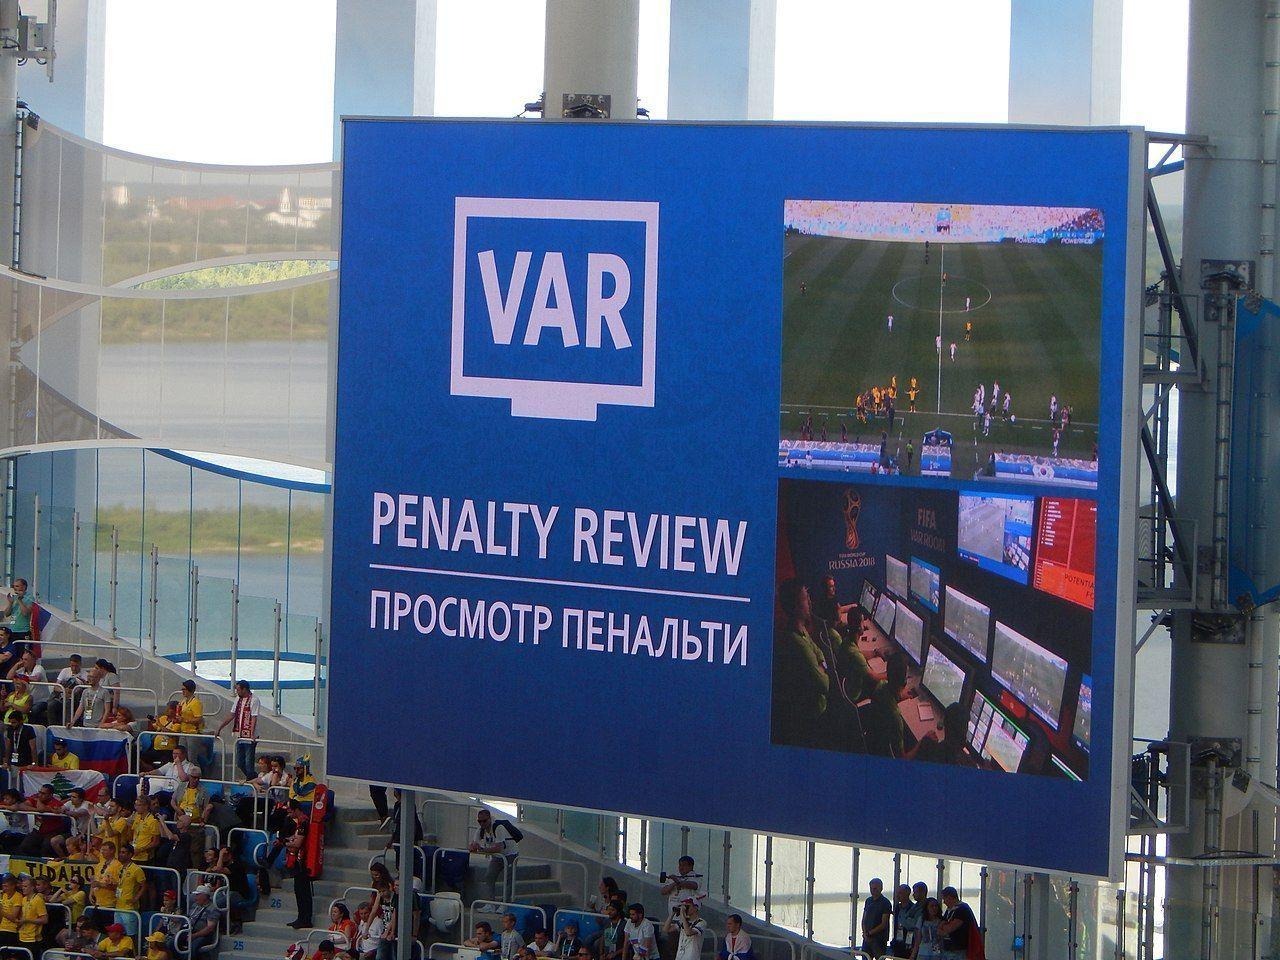 Nu ska även Champions Leagues använda VAR